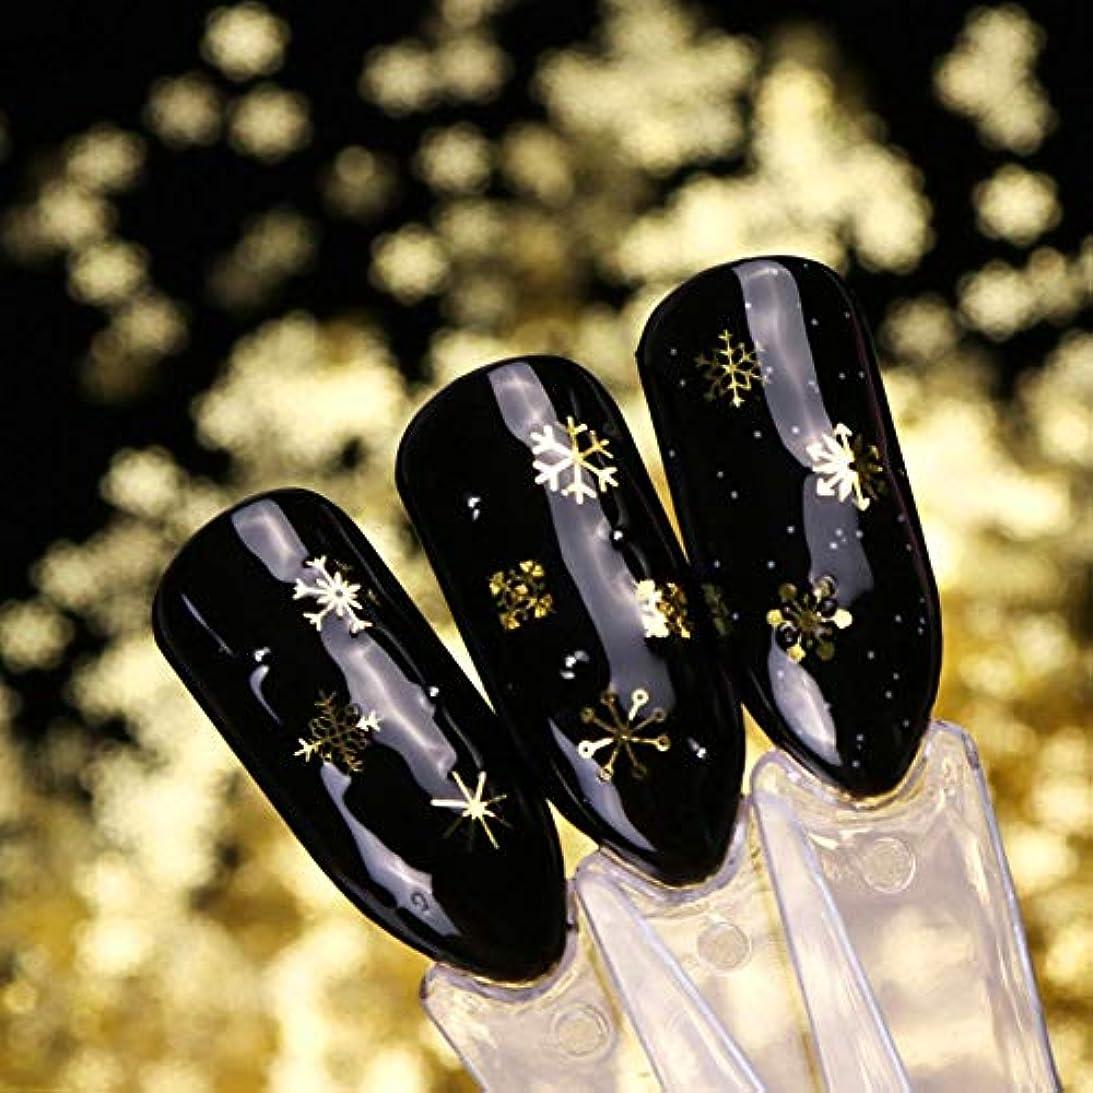 ゴシップアクロバット放出ネイルシール クリスマス 雪の結晶 雪 9種類混在 損傷のない 極薄 ネイル用品 ゴールド 埋め込み ネイルアート セルフネイル ネイルパーツ Esolom